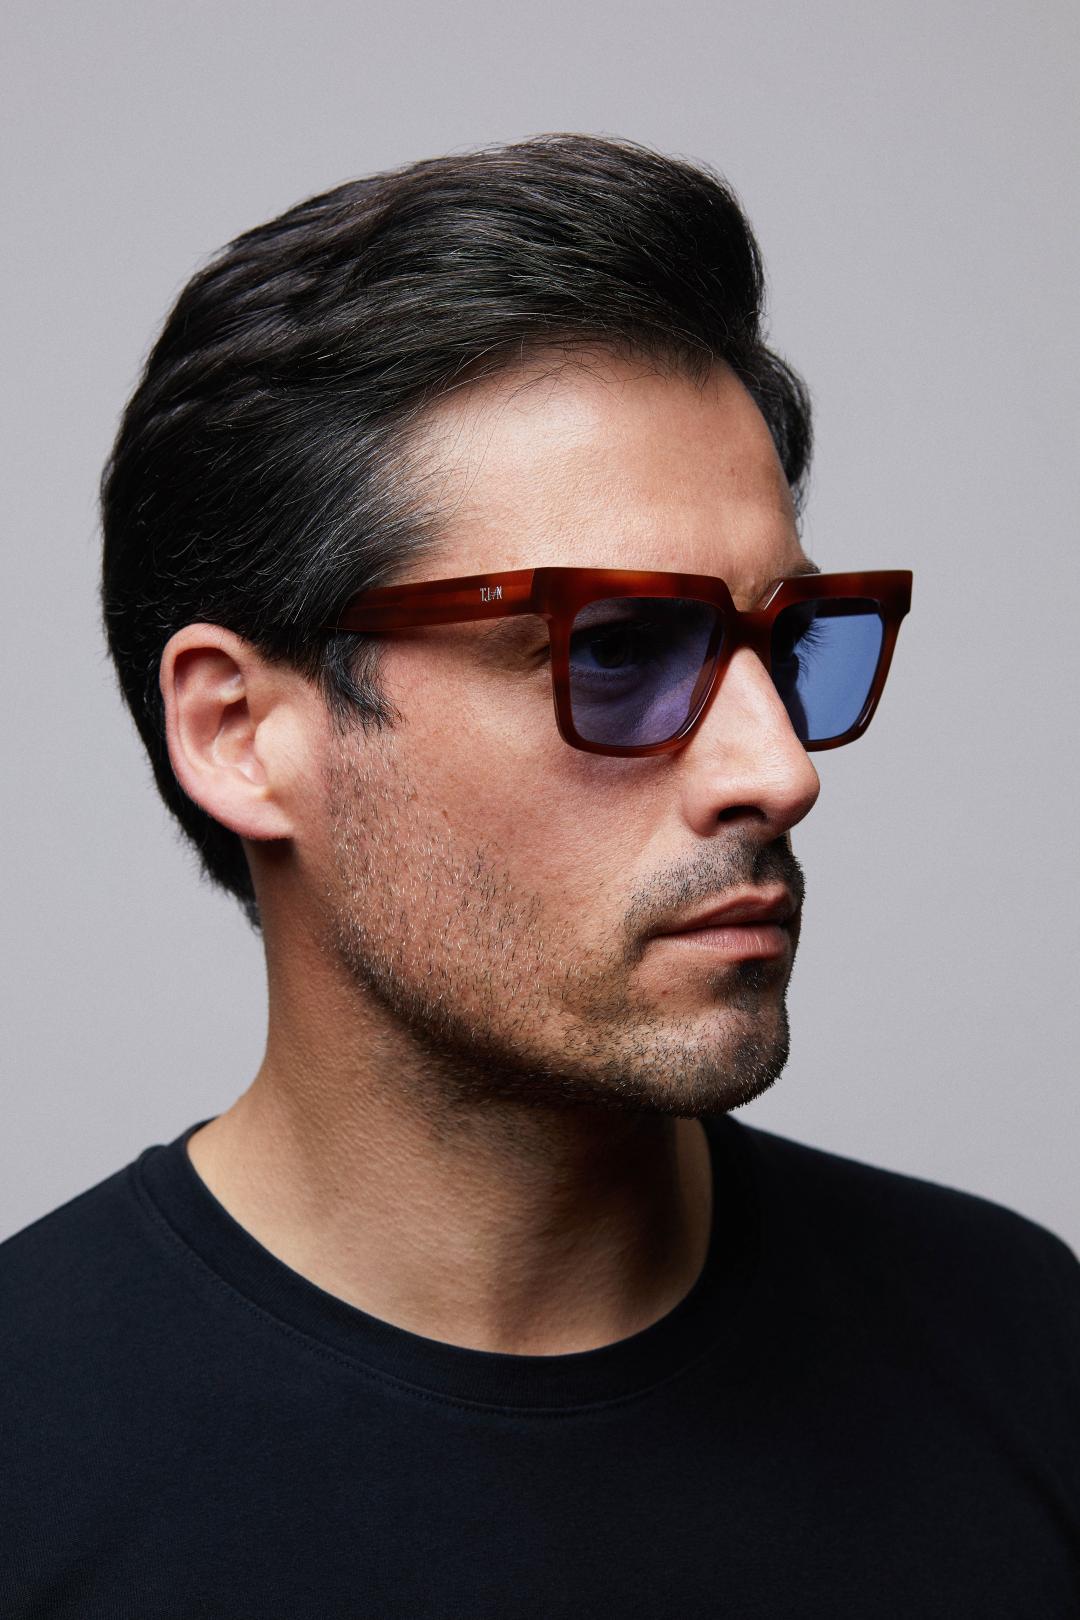 João Pedro para Tian Sunglasses